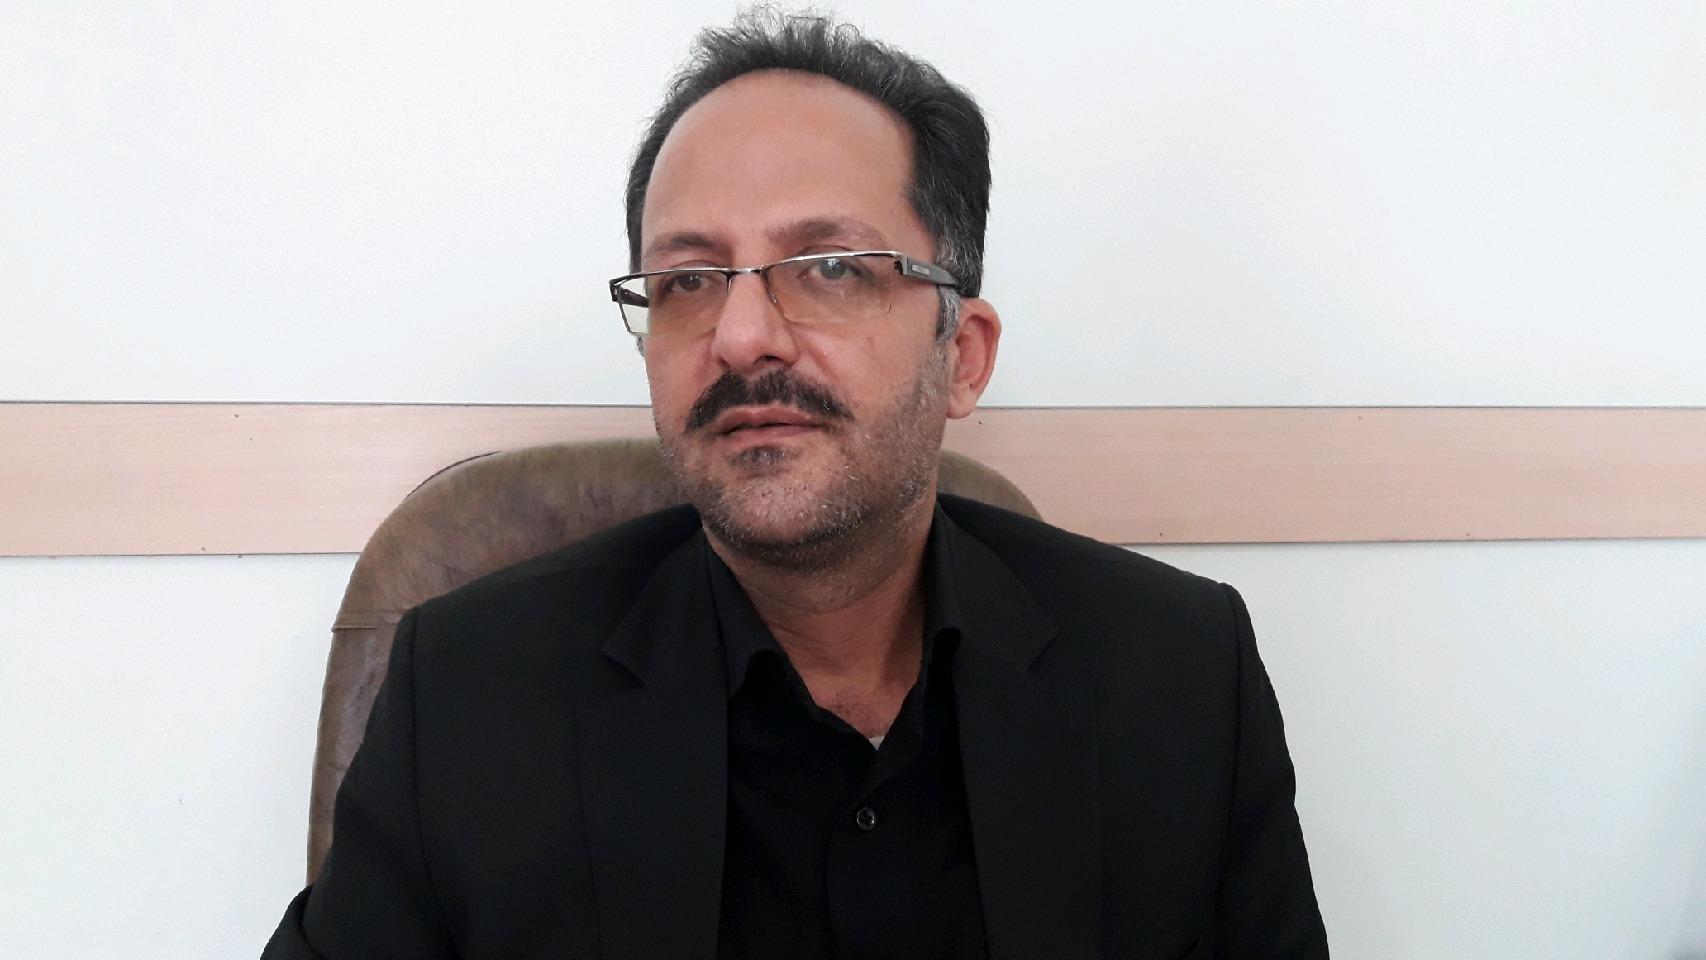 نرخ بیکاری استان اصفهان در بخش خدمات و صنعت ۳ درصد کاهش داشته است